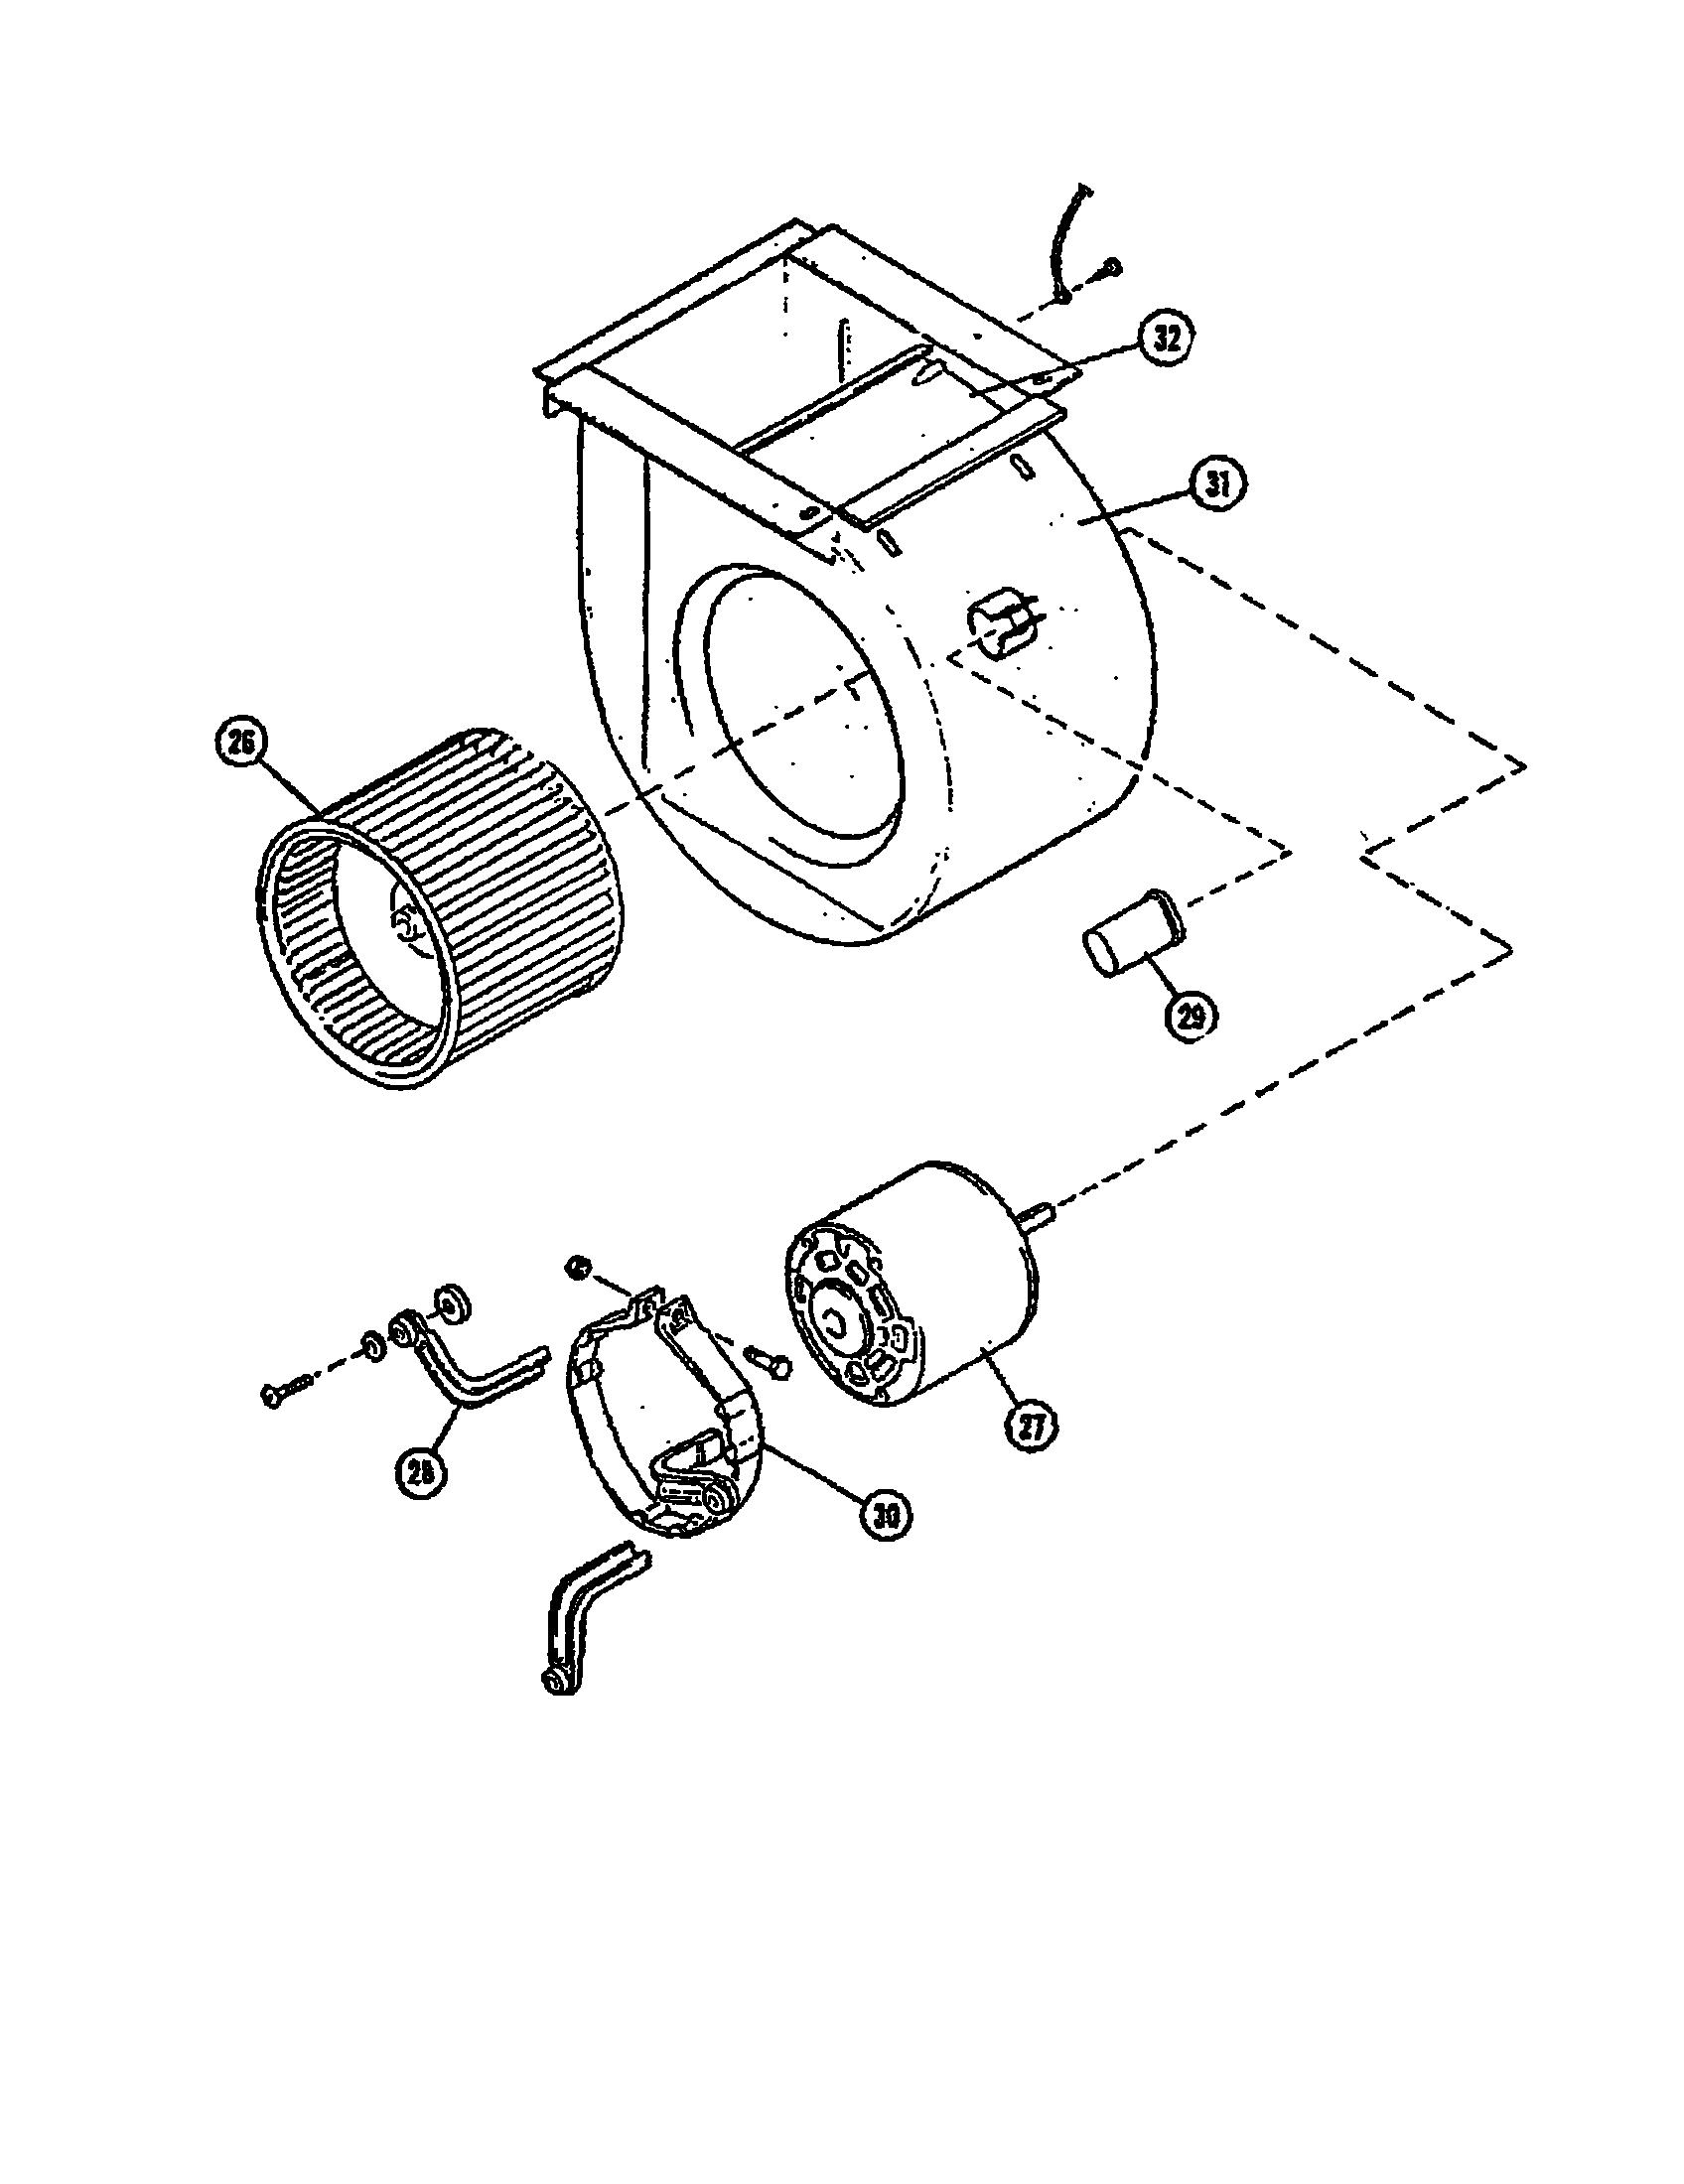 BLOWER/MOTOR Diagram & Parts List for Model g12827 Lennox